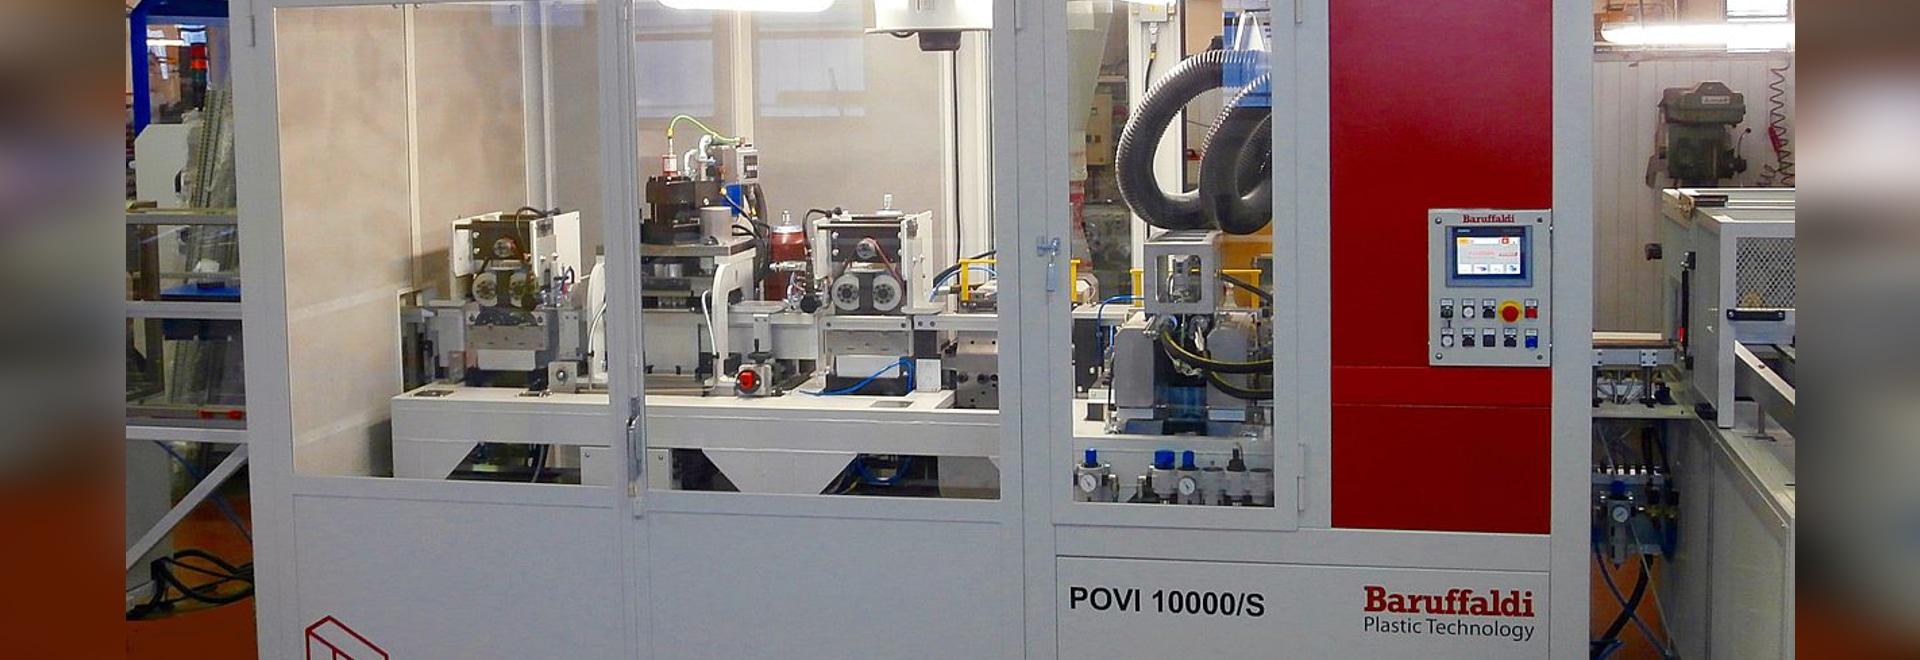 Programa de la producción de Baruffaldi para los conductos de cableado de PC-ABS